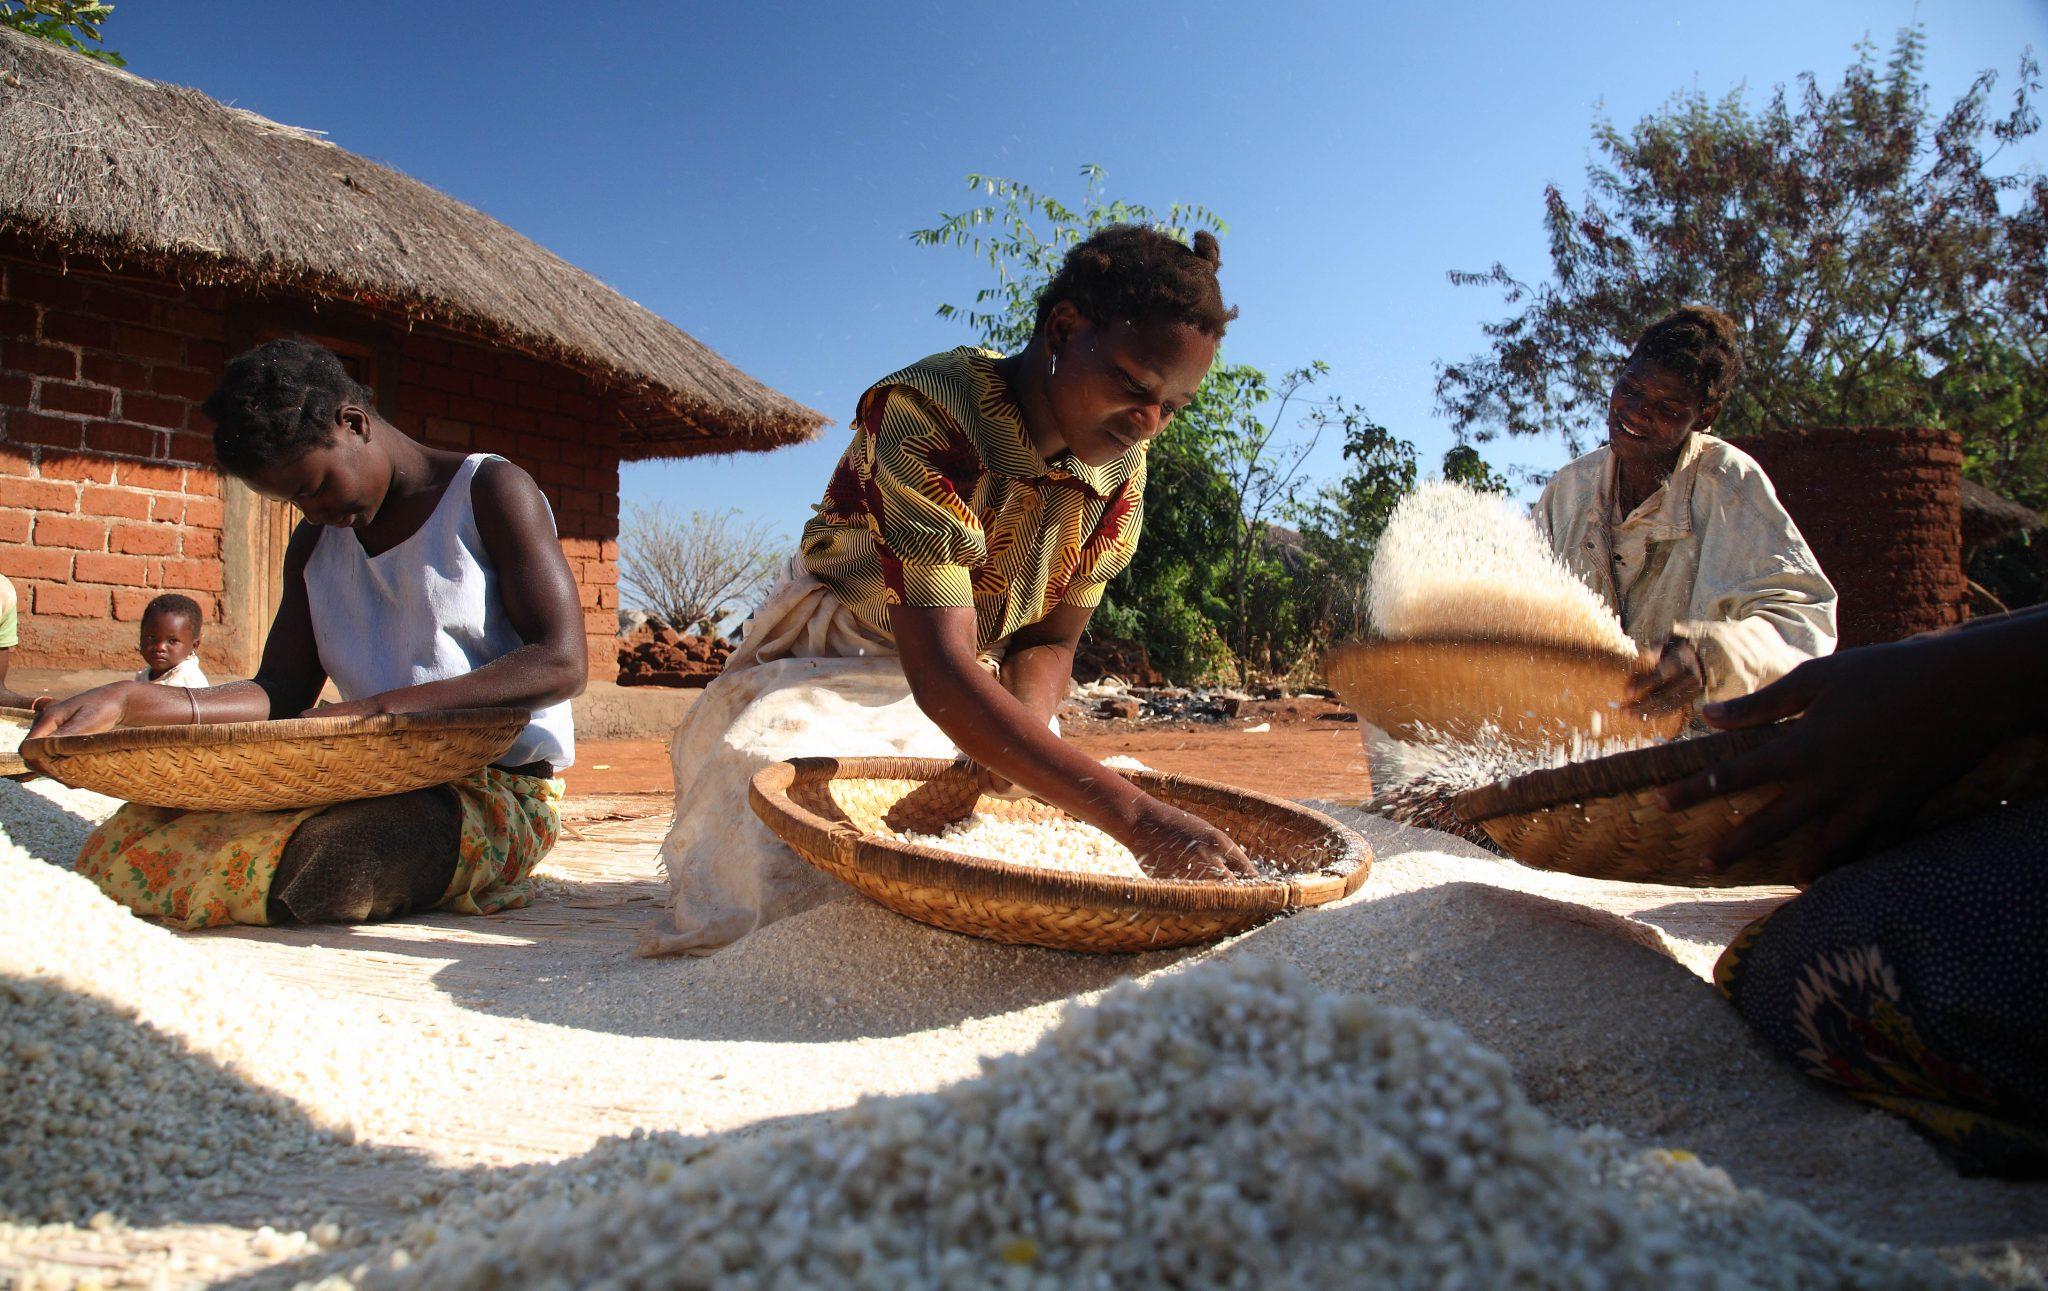 Mujeres mozambiqueñas trillando sorgo.Foto por ILRI en Flickr